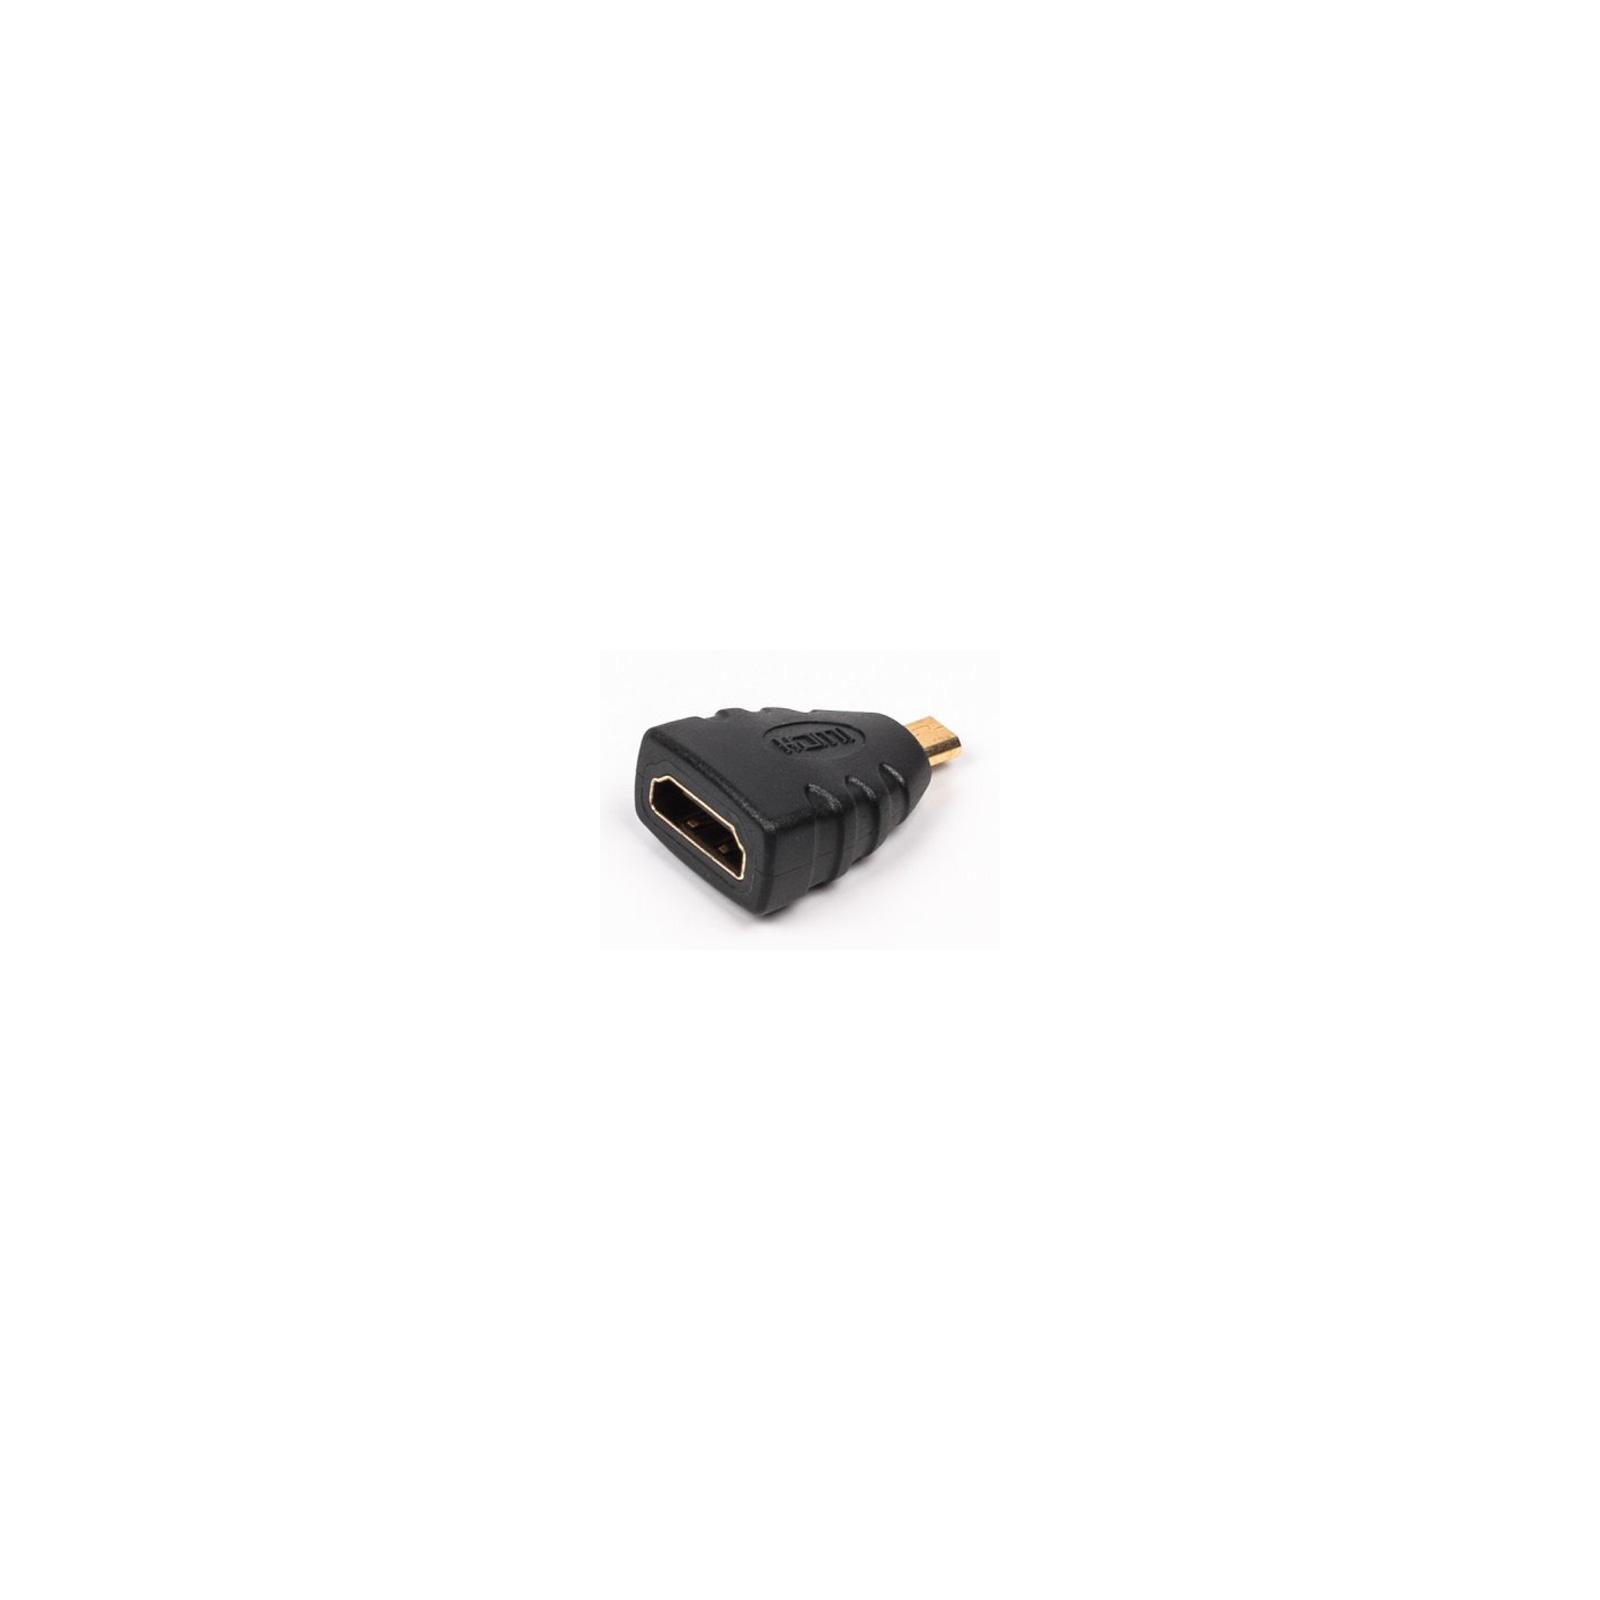 Переходник Viewcon HDMI F to micro HDMI M (VD 046)